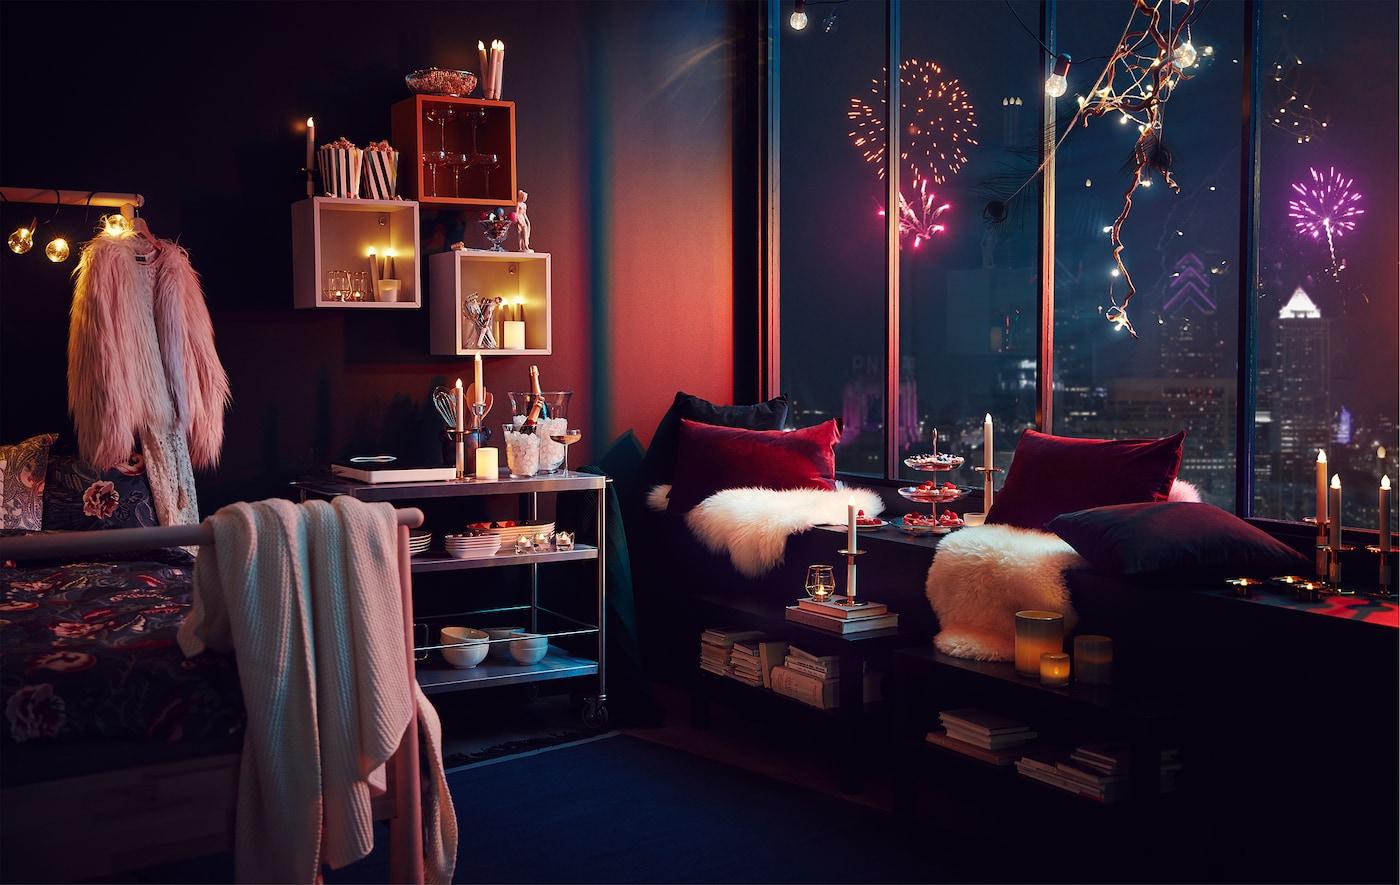 Enterijer stana s dekoracijama za žurke i rasvetom; vatromet nad gradom, vidljiv kroz visoke prozore.